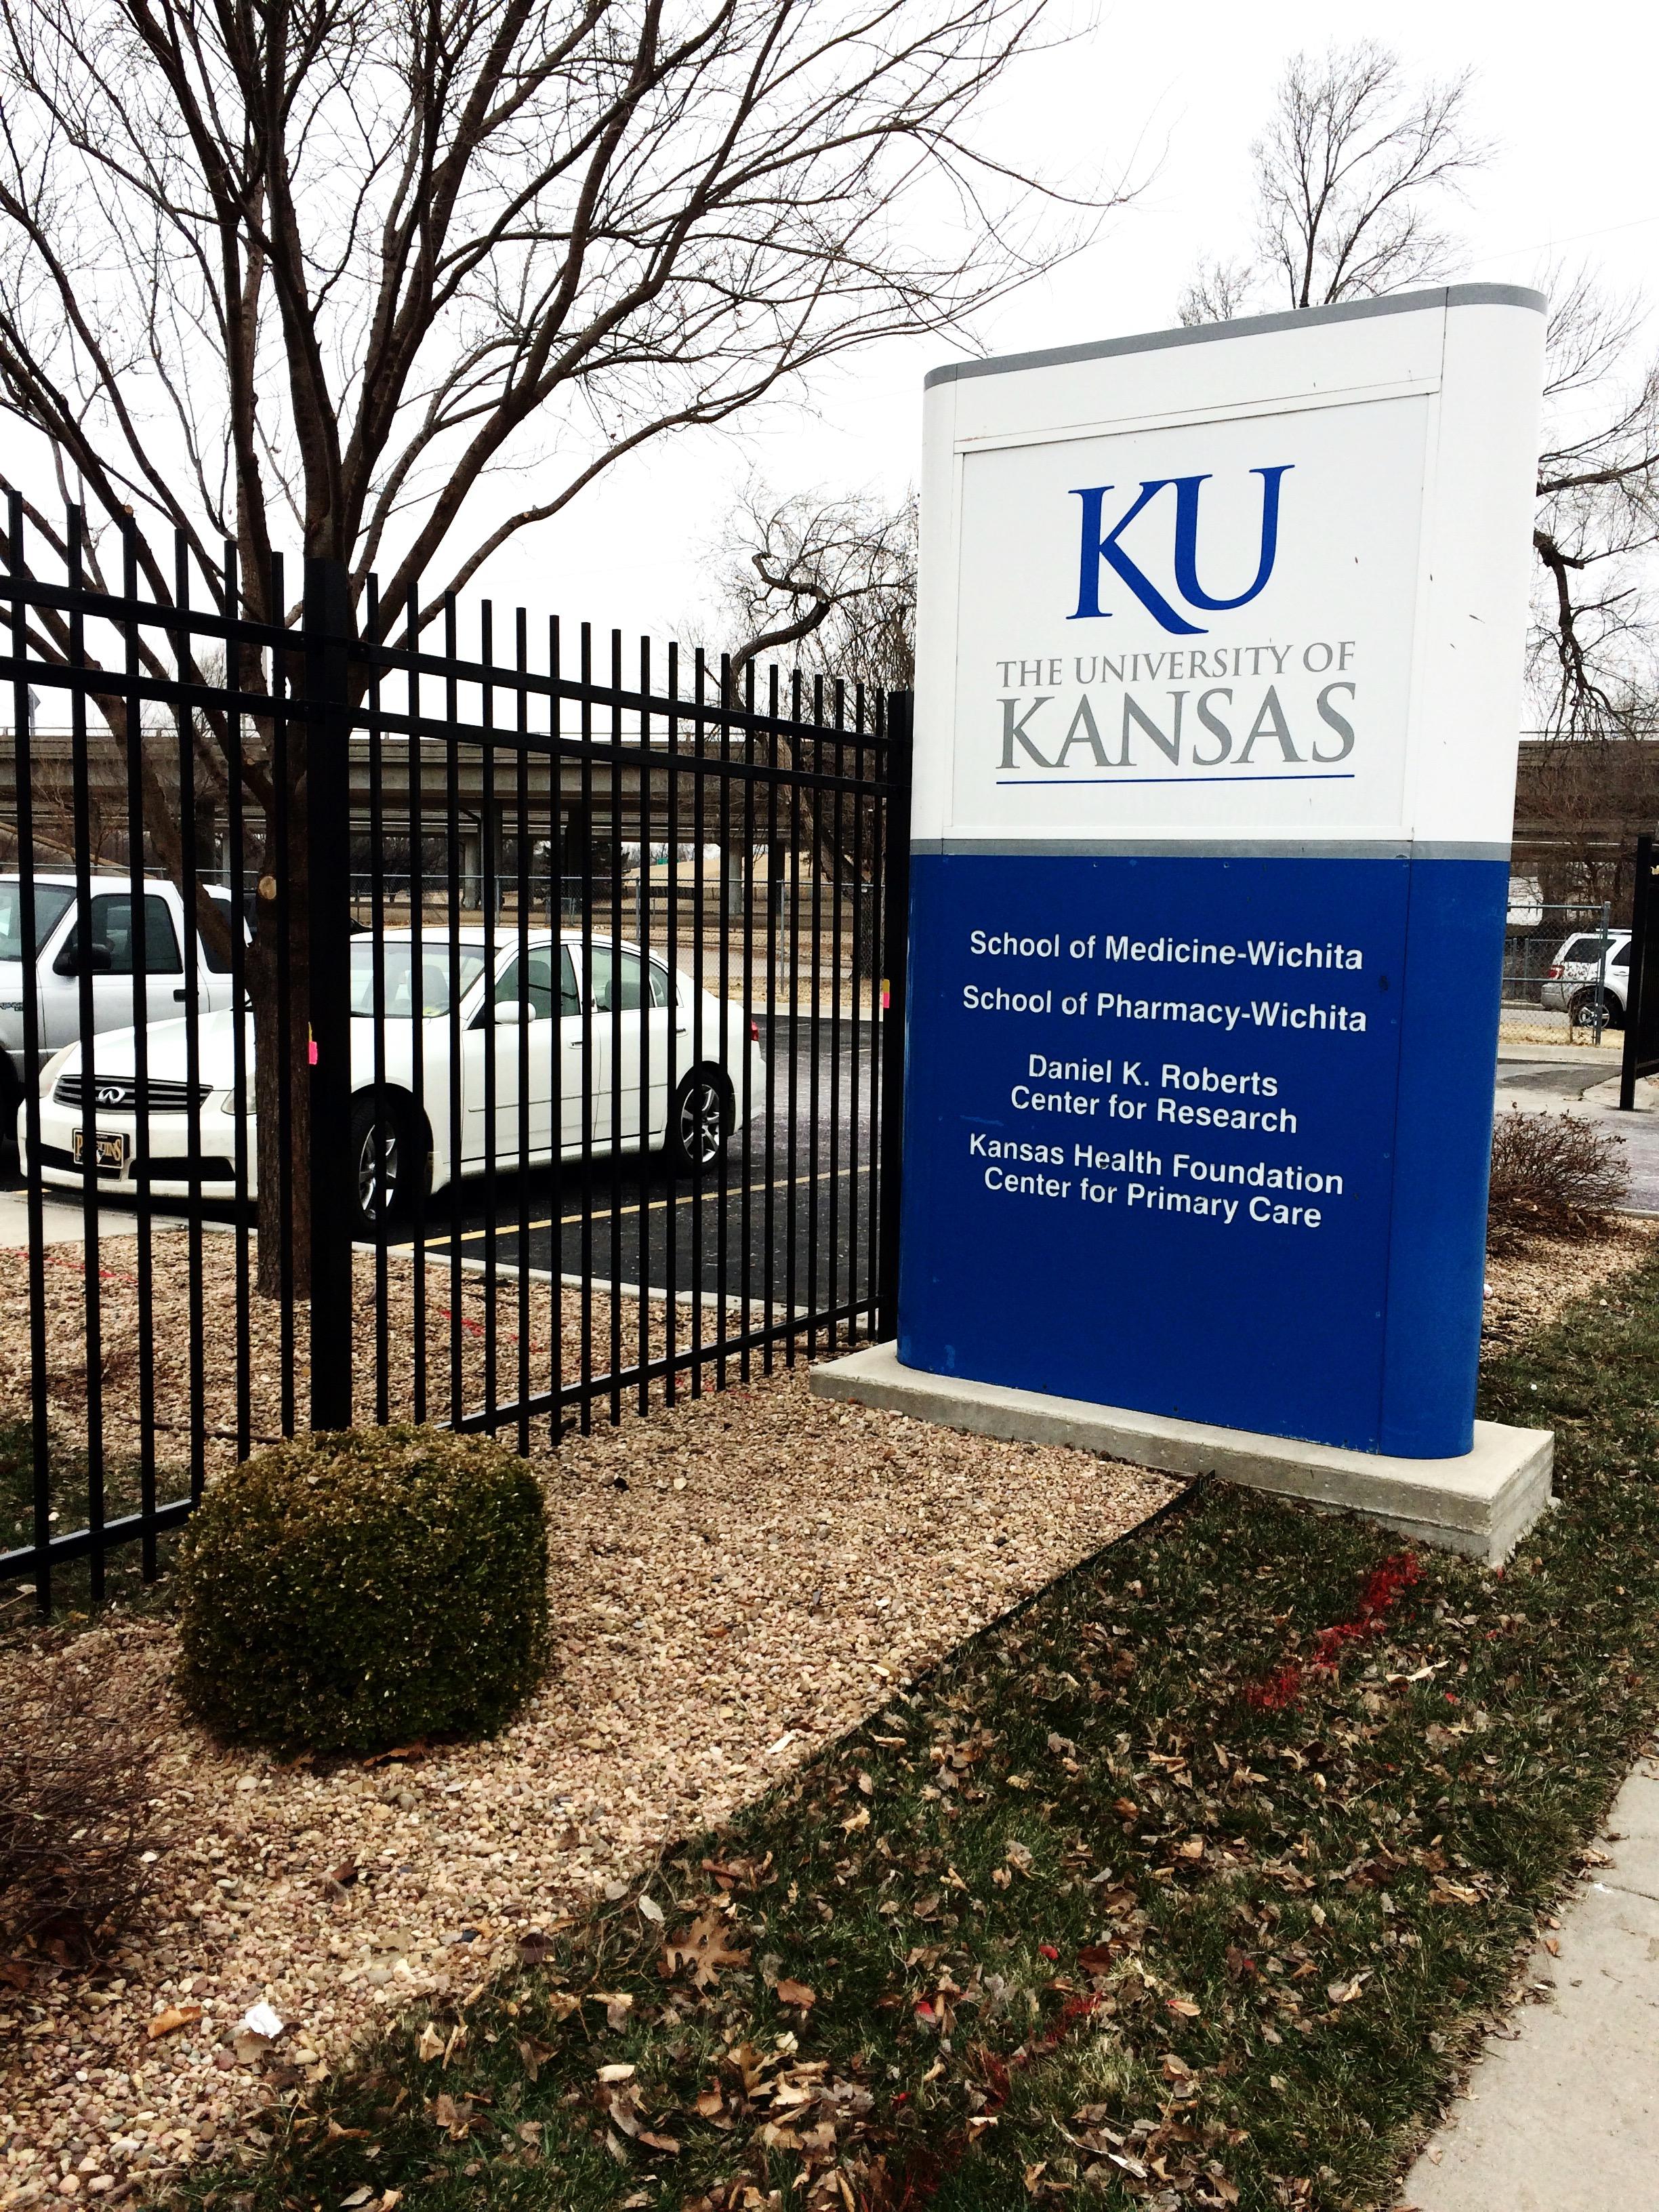 Commercial-Fences-KU-University-Of-Kansas